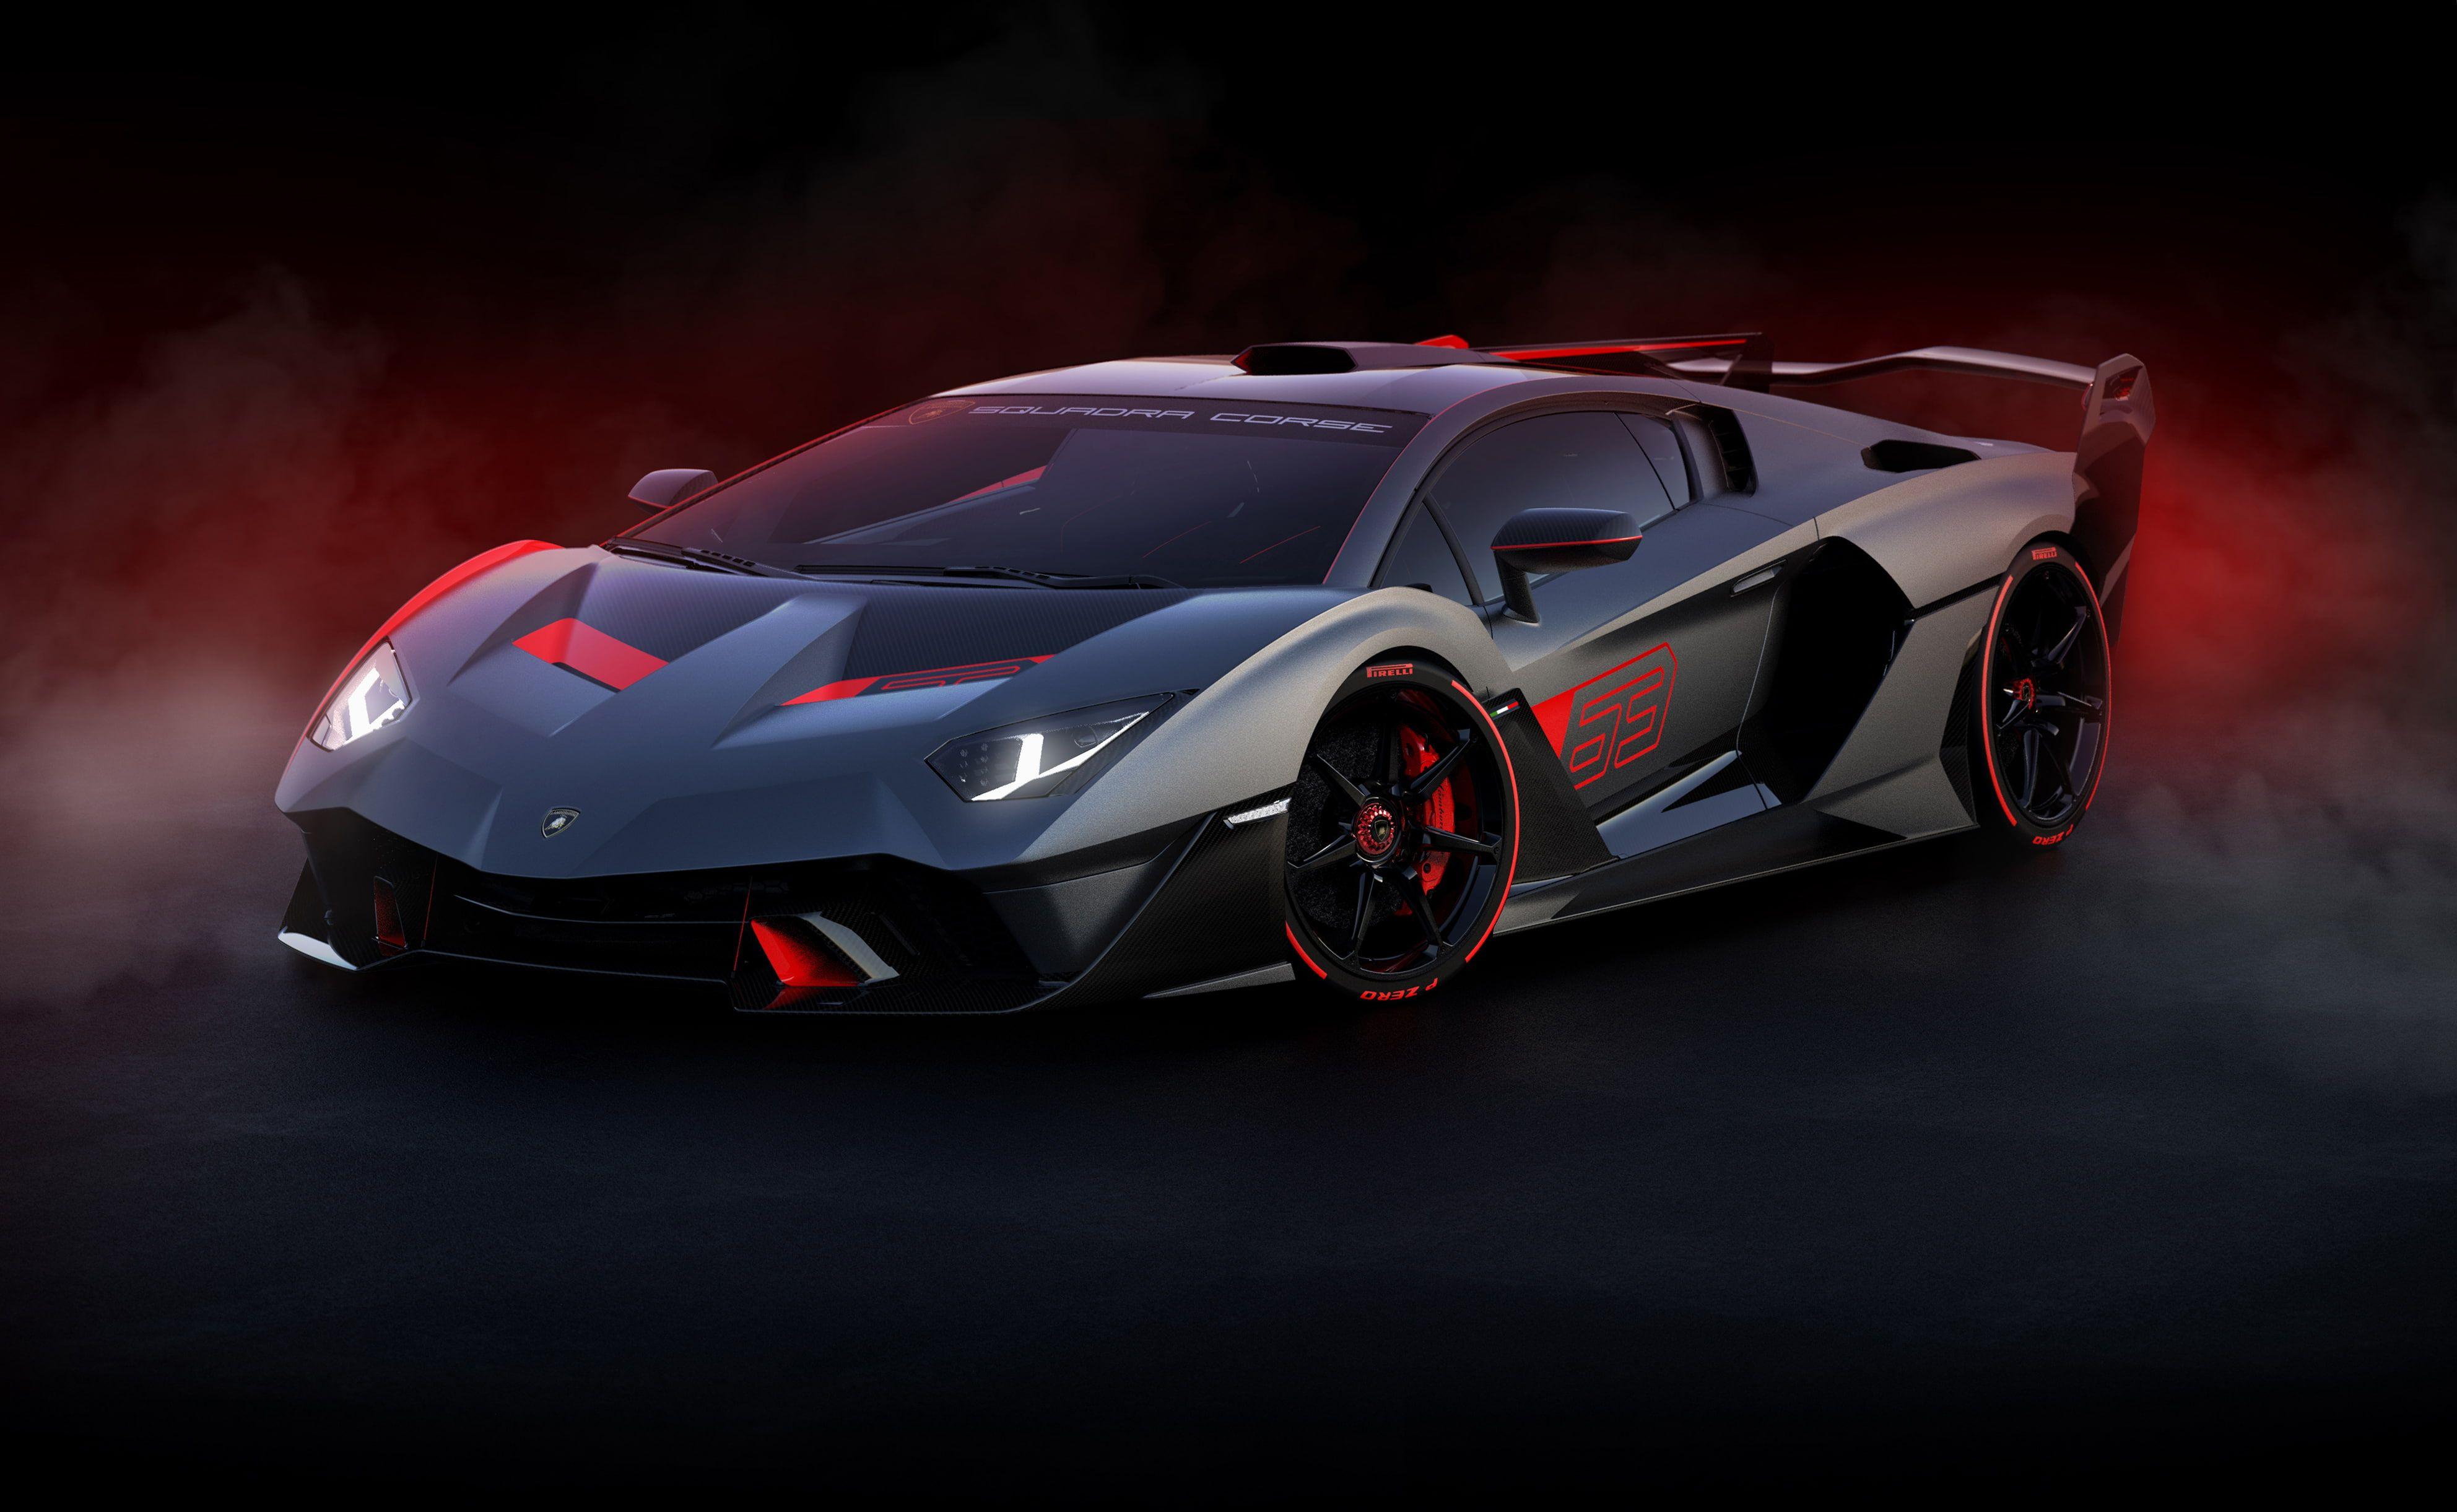 Car Wallpaper Vehicle Super Car Supercars Lamborghini Lamborghini Sc18 In 2020 Lamborghini Aventador Sports Cars Lamborghini Car Wallpapers